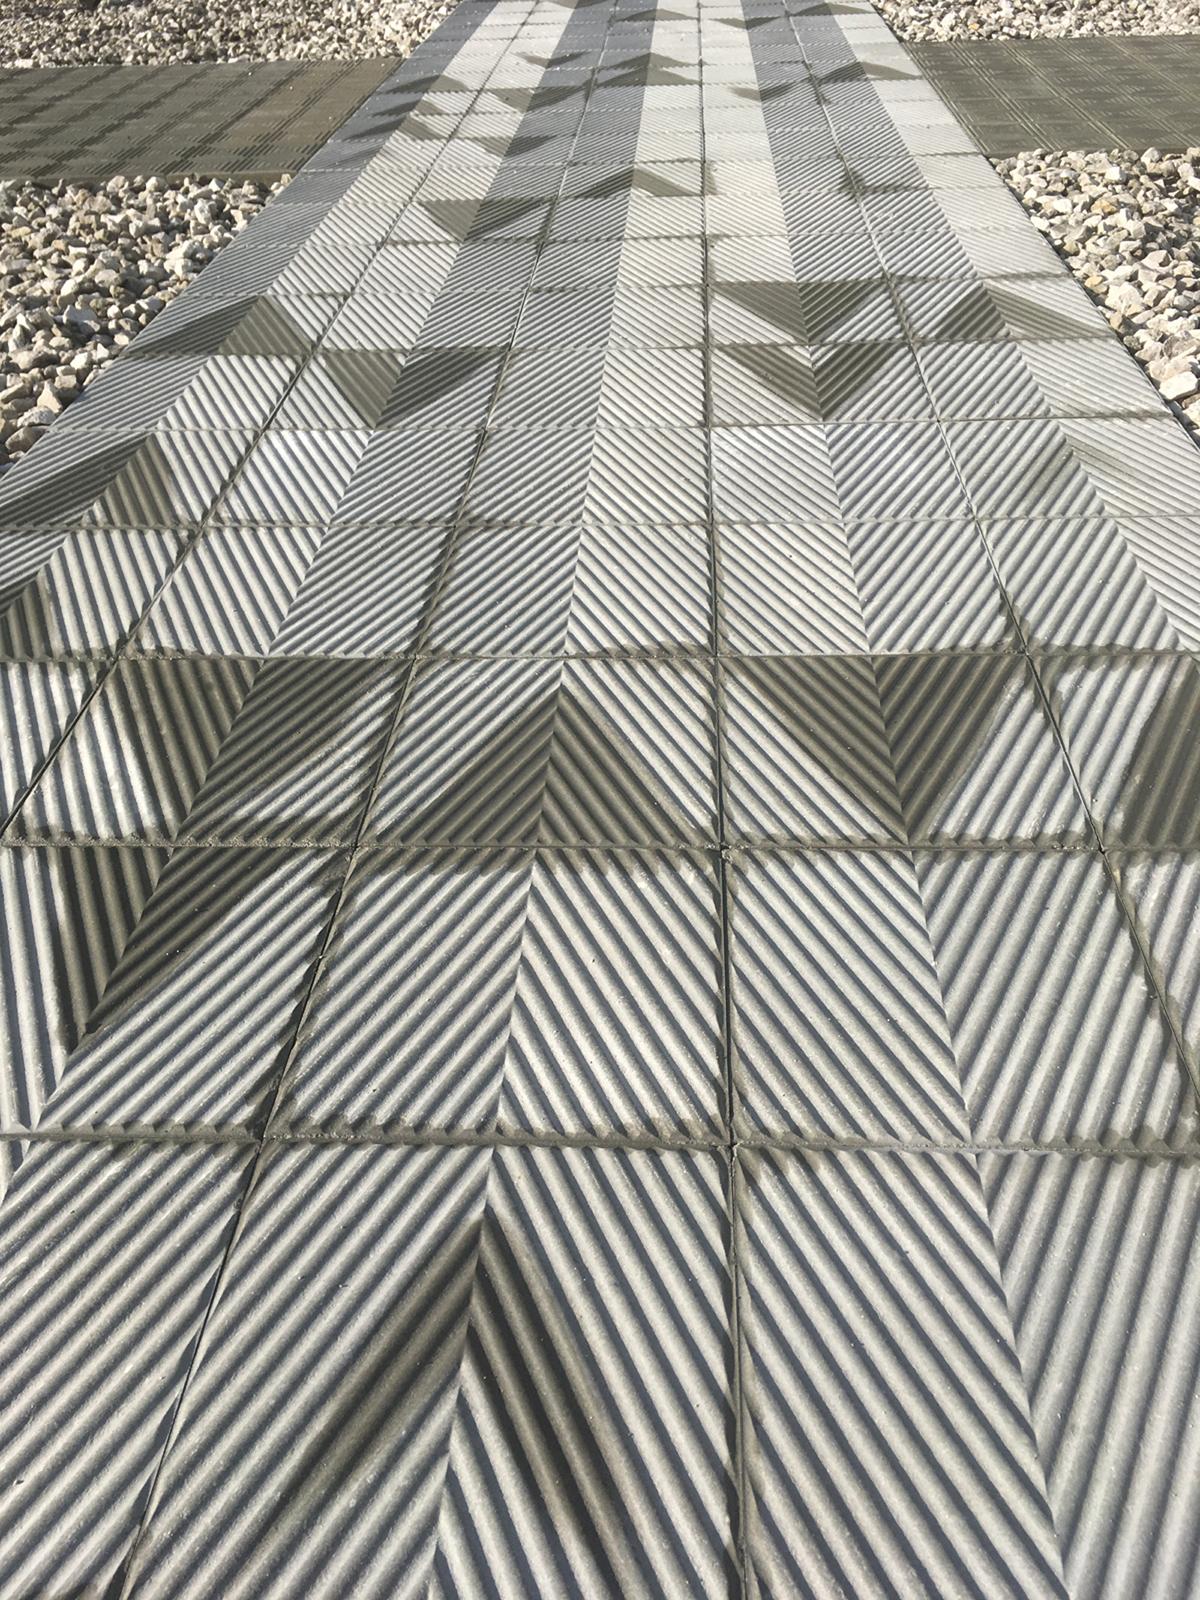 trottoirplatte-aussenbereich-nr.AP11-viaplatten | AP11